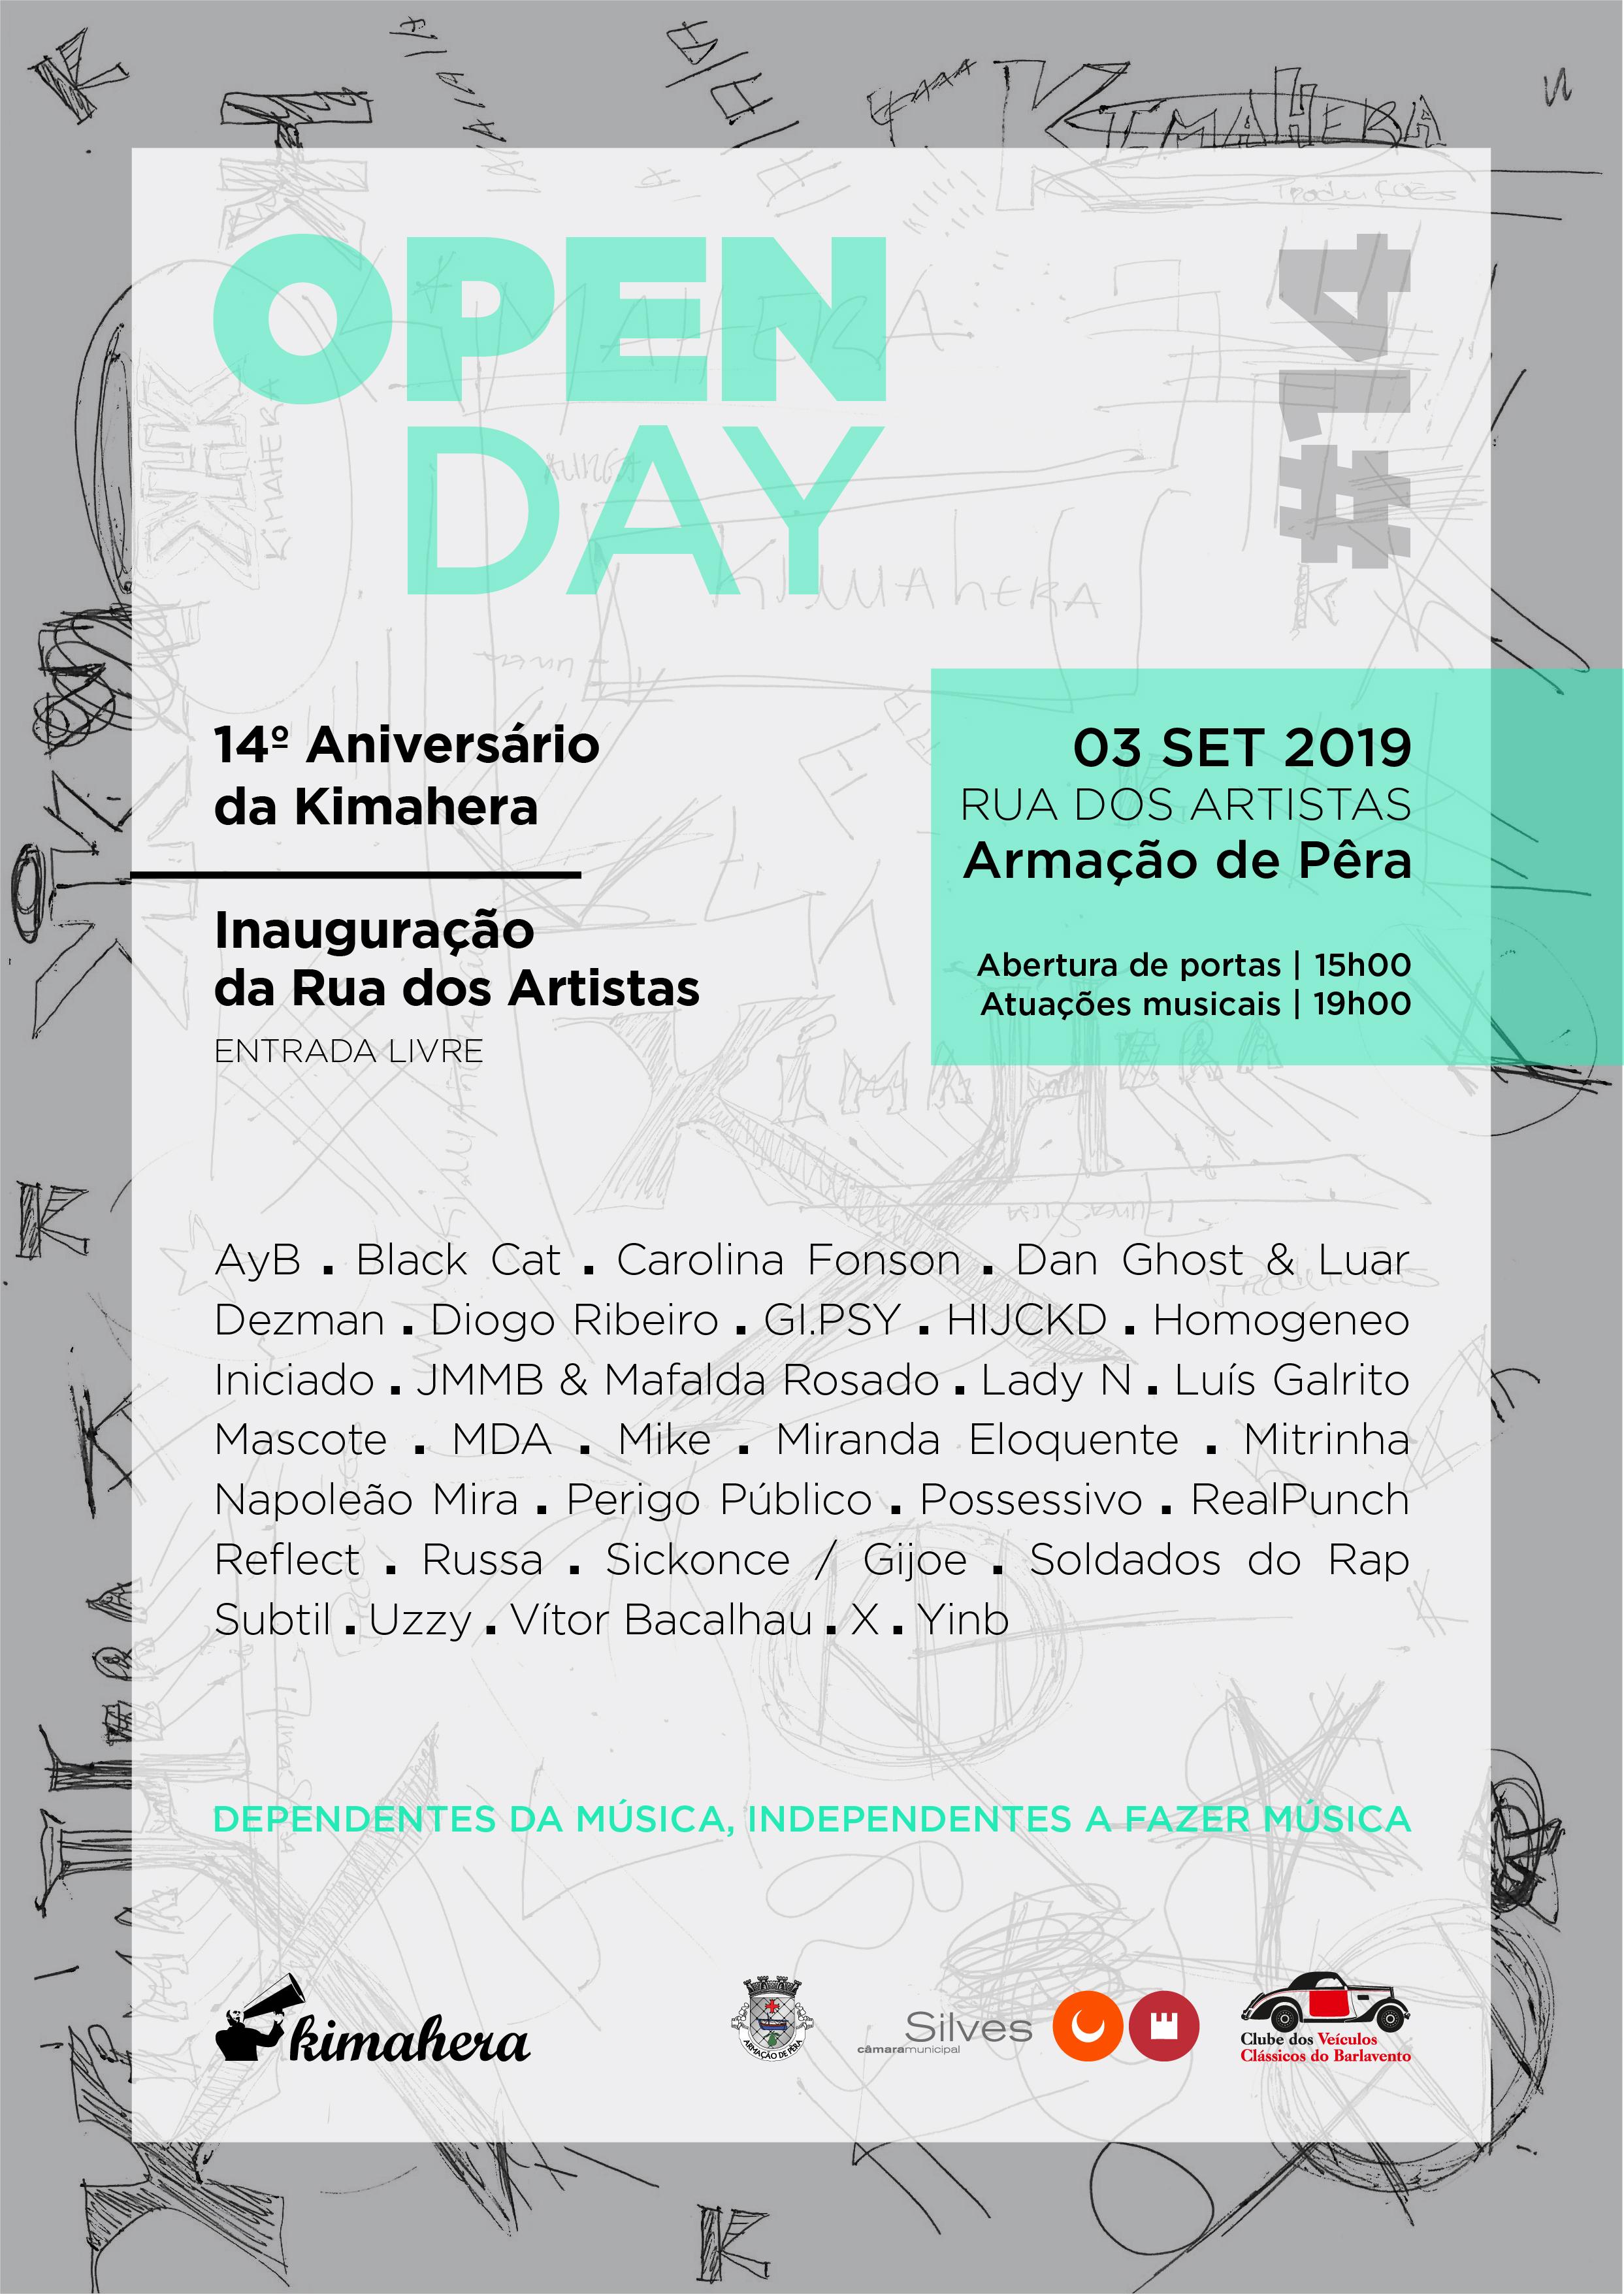 Open Day Kimahera